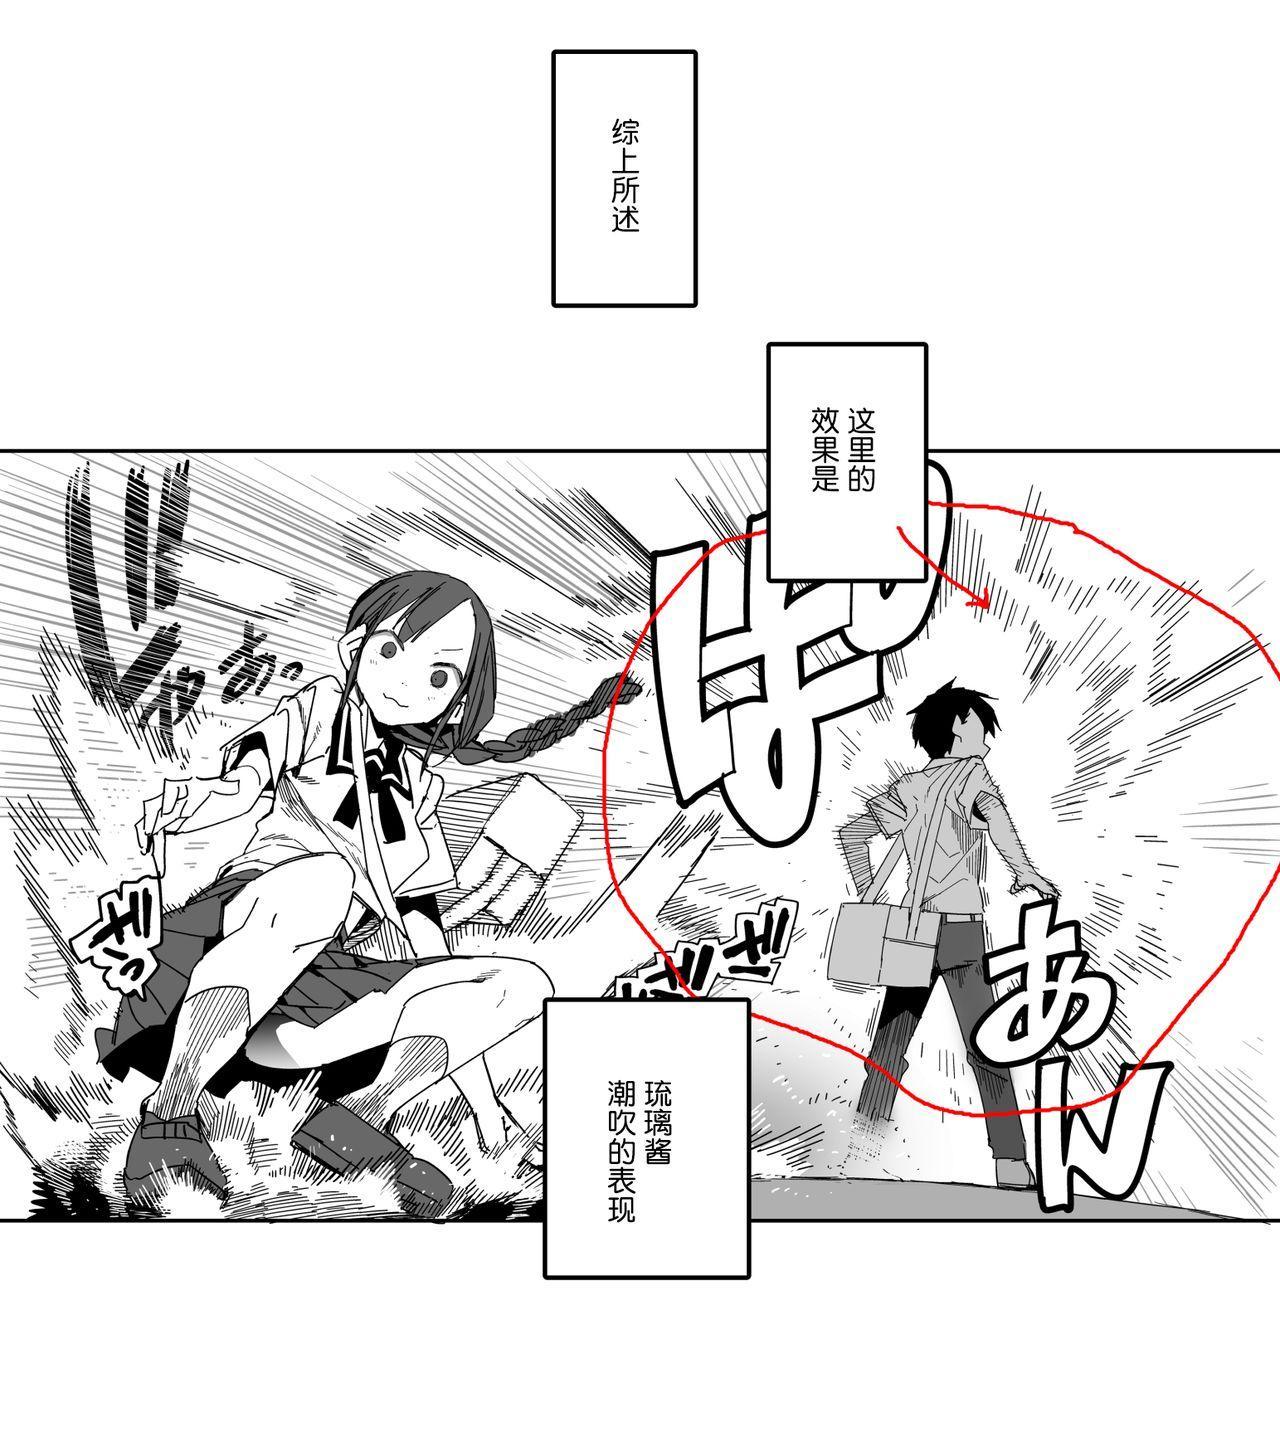 战斗漫画情侣常有的清晨情景 14